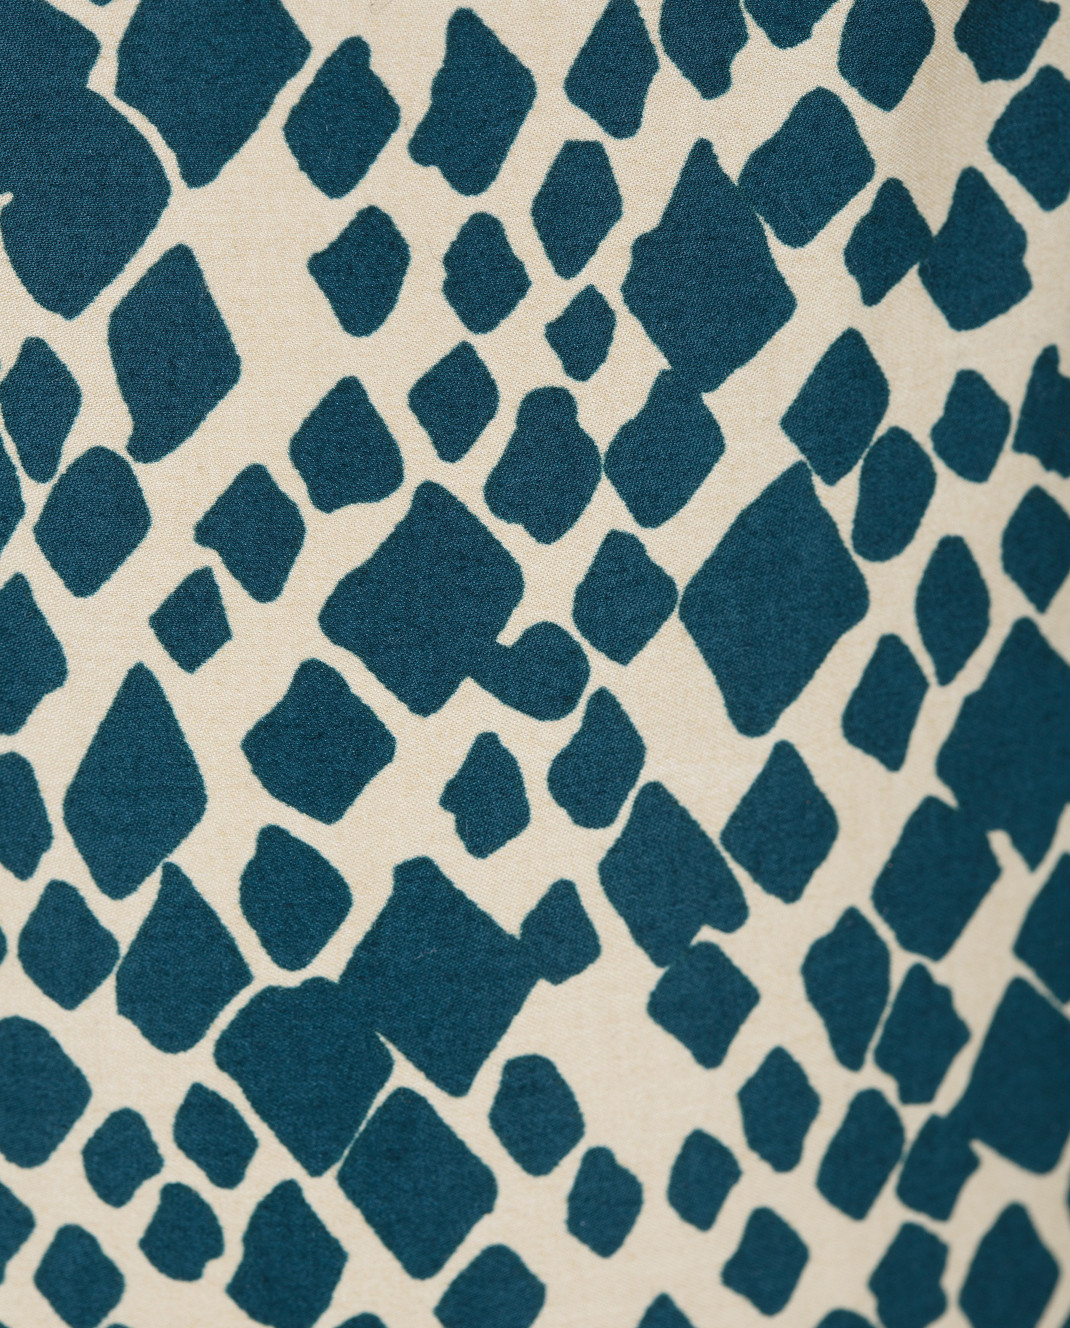 Sonia Rykiel Зеленые брюки 17331338 изображение 5